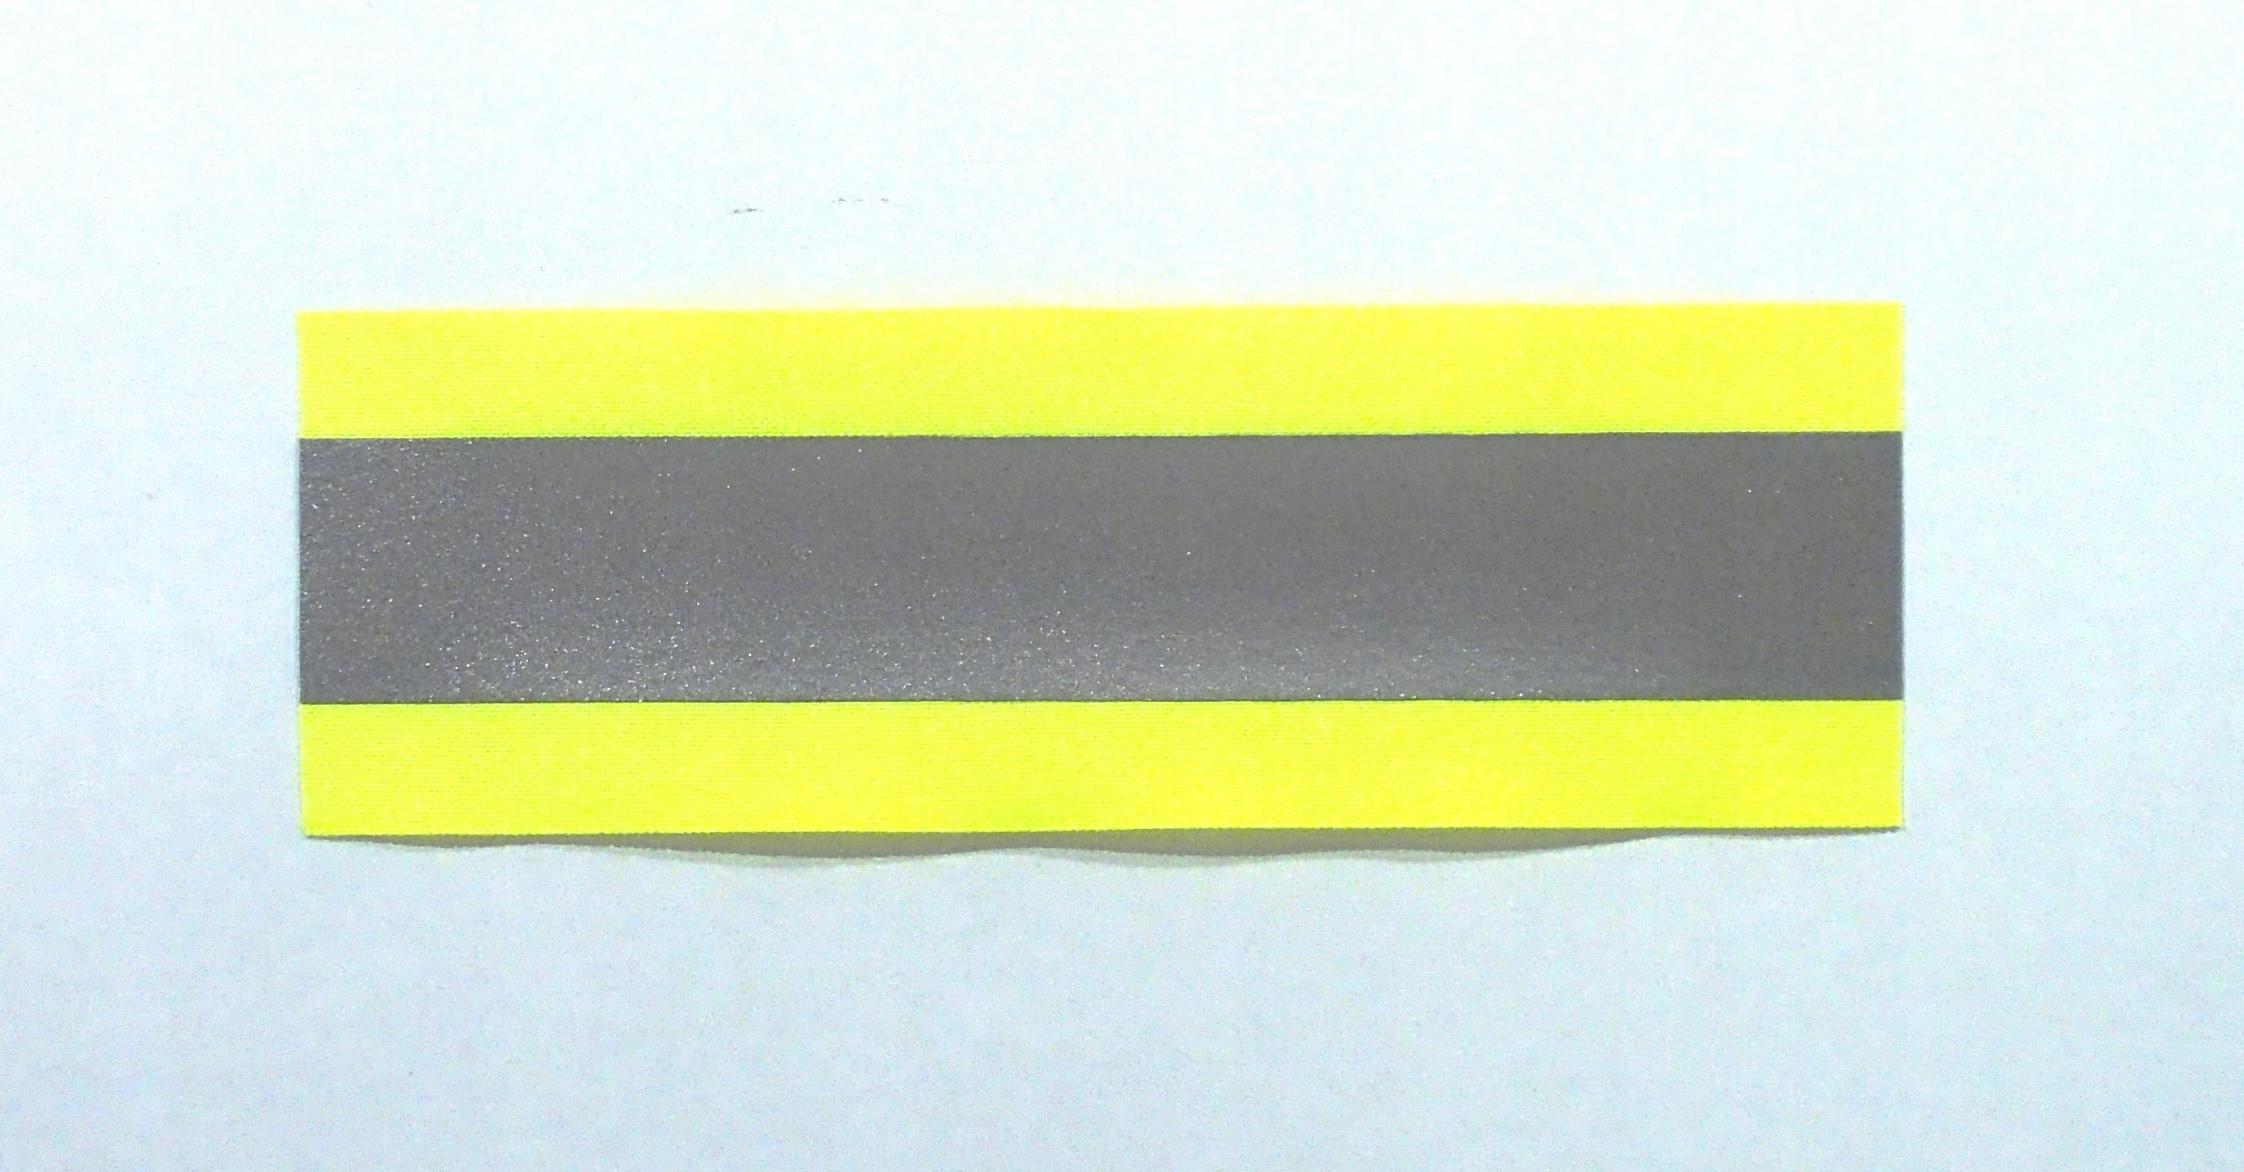 Taśma odblaskowa do naszycia szer. 50mm długość 2m